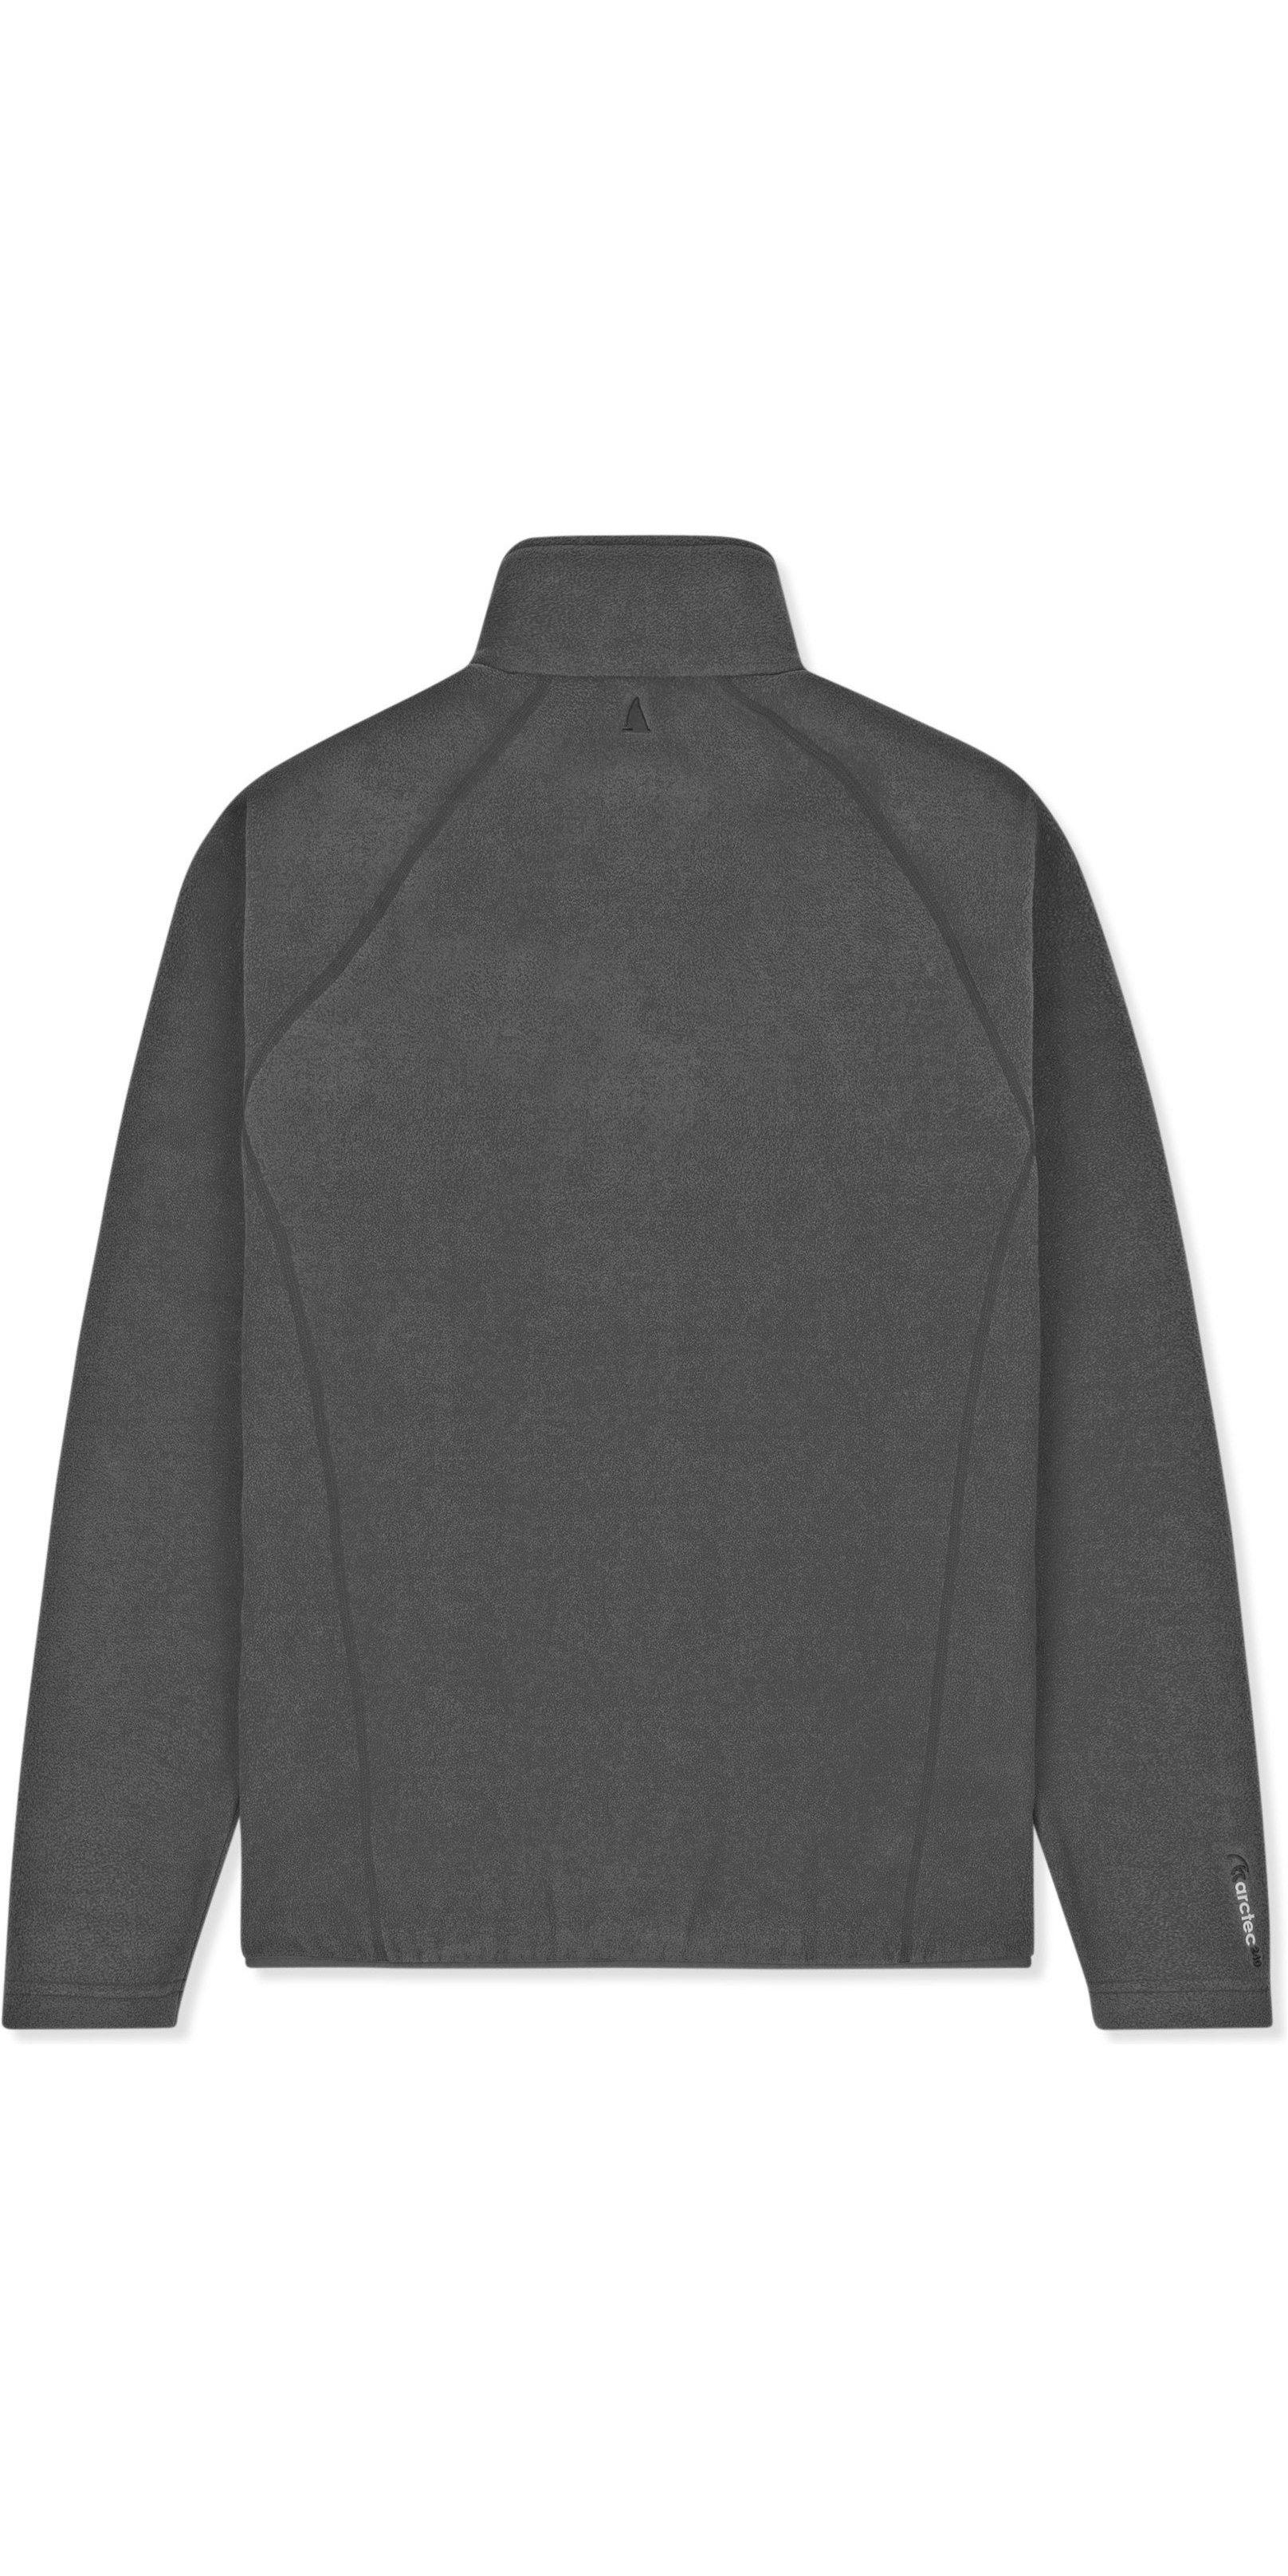 2019 Musto Crew Fleece Jacke Charcoal Emfl027